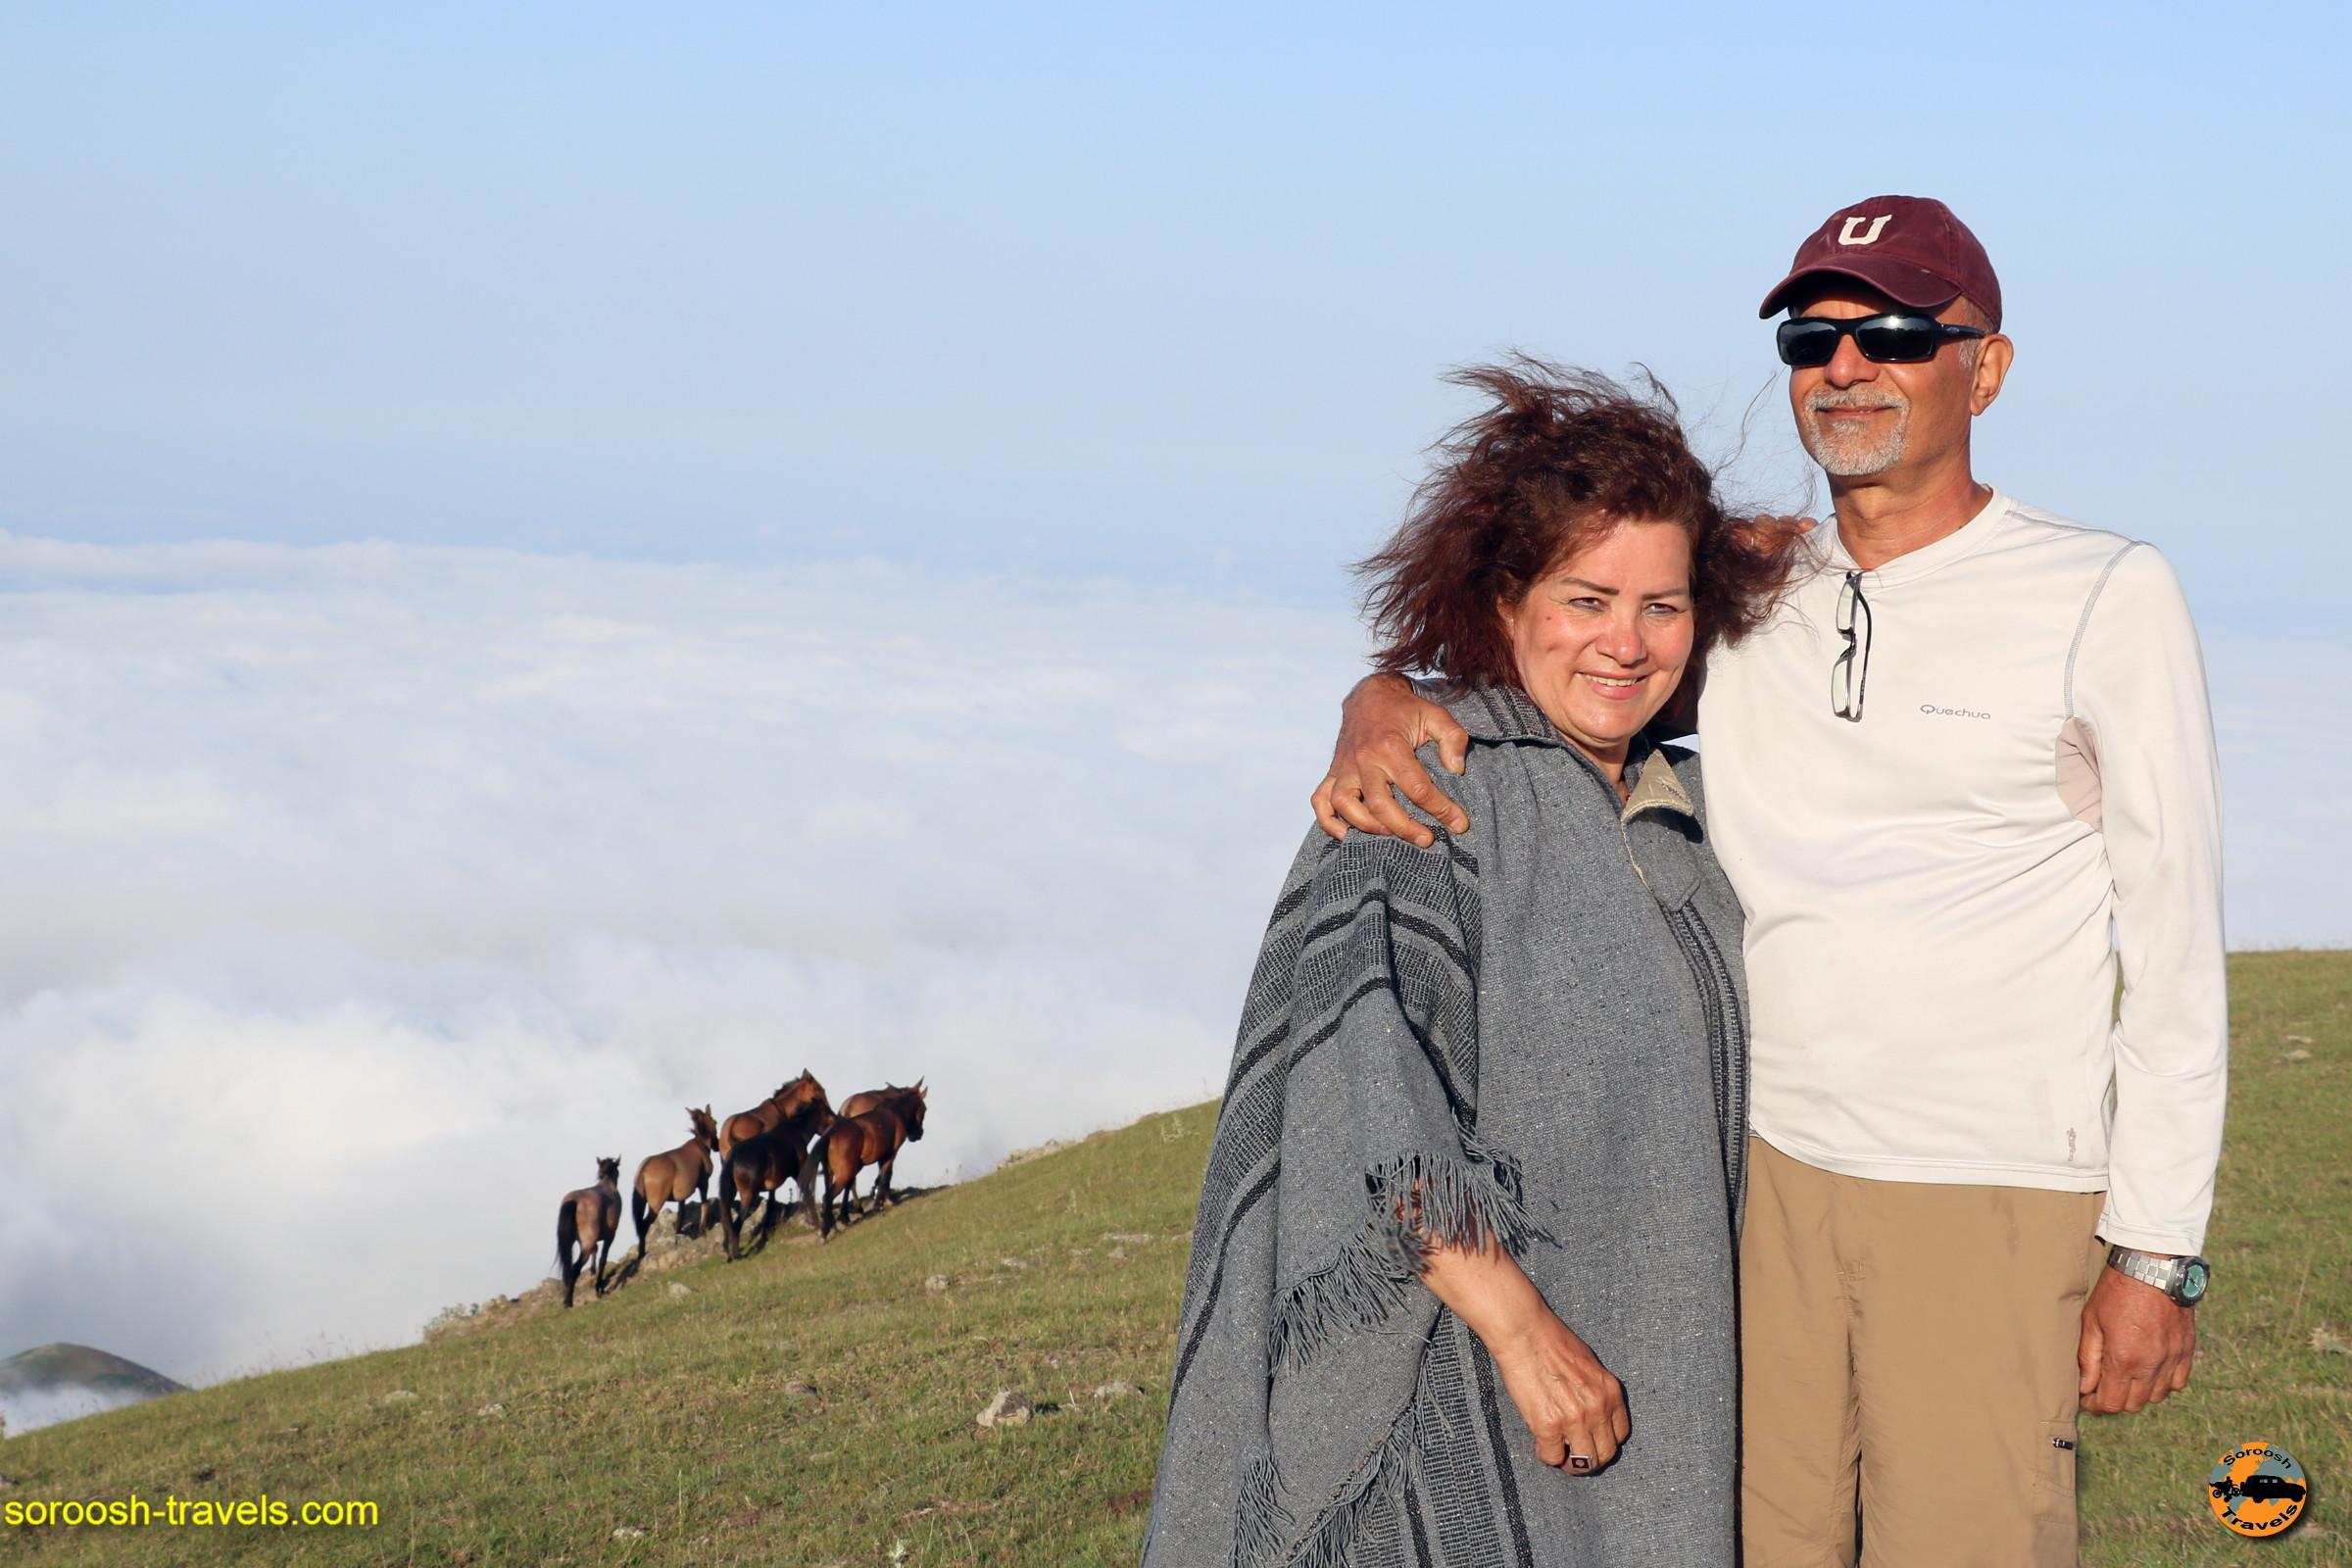 بر فراز ابرها در ارتفاعات سوها - تابستان ۱۳۹۶